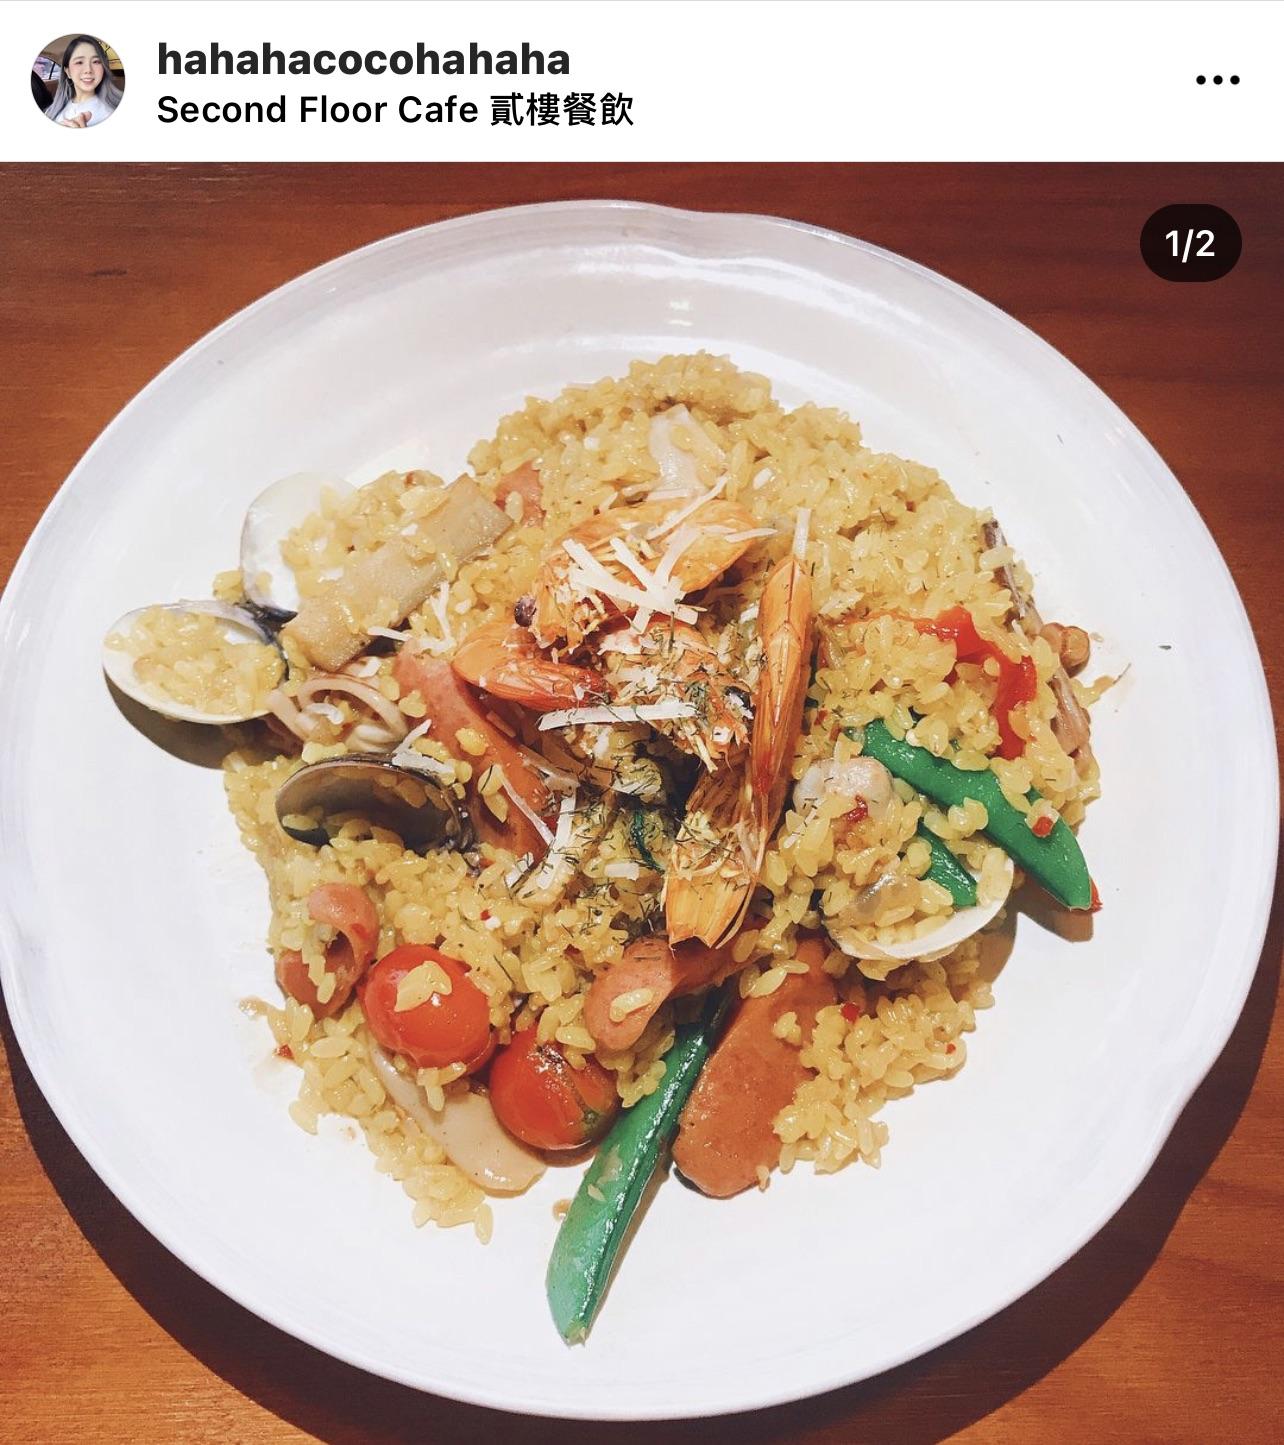 貳樓餐廳 Second Floor Cafe 高雄店